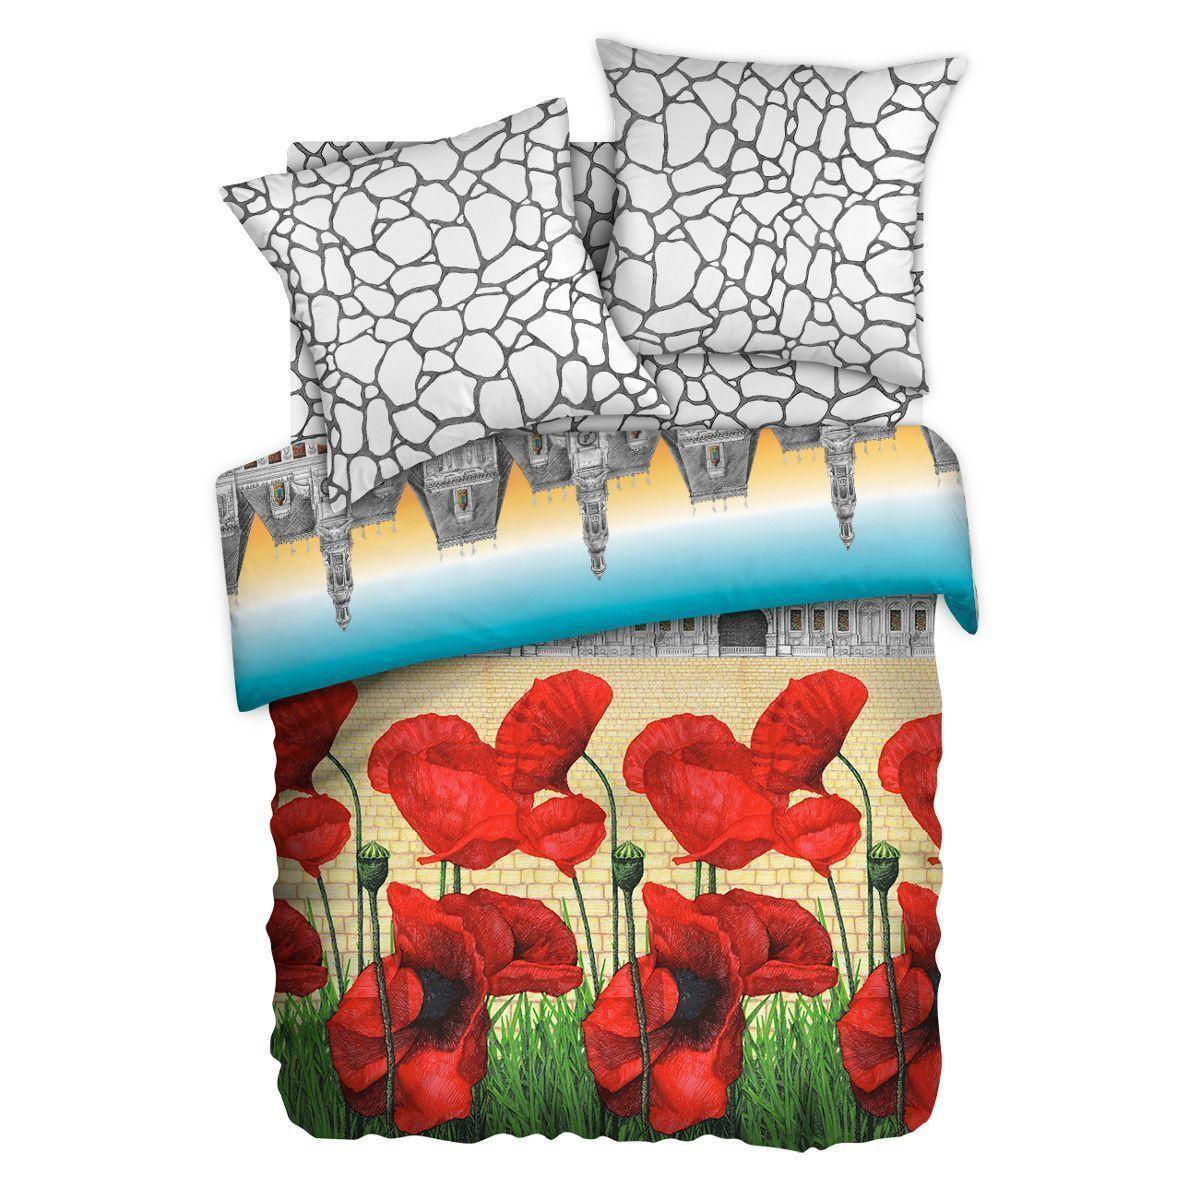 КПБ 1,5 Унисон биоматин NEW КБУбм-10 книжка рис.11815/11813 вид 1 Французская сказка (276915)Постельное бельё<br><br> Постельное белье торговой марки «Унисон Биоматин» - это домашний текстиль премиум класса с эксклюзивными дизайнами в разнообразных стилистических решениях. Комплекты данной серии выполнены из ткани «биоматин» - это 100% хлопок высочайшего качества, мягкий, тонкий и легкий, но при этом прочный, долговечный и очень практичный, с повышенным показателем износостойкости, обладающий грязе- и пылеотталкивающими свойствами, долго сохраняющий чистоту и свежесть постельного белья, гипоаллергенный.<br><br><br> Размеры:<br><br> Пододеяльник: 145*215 см (1шт).<br> Простынь: 150*220 см (1шт).<br> Наволочки: 70*70 см (2шт).<br><br> Торговая марка: Унисон Биоматин.<br><br><br> Производитель: Неотек.<br><br><br> Страна производства: Россия.<br><br><br> Материал: Биоматин (100% хлопок).<br><br><br> * Цвет товара зависит от настроек вашего монитора и может не соответствовать реальному<br><br>